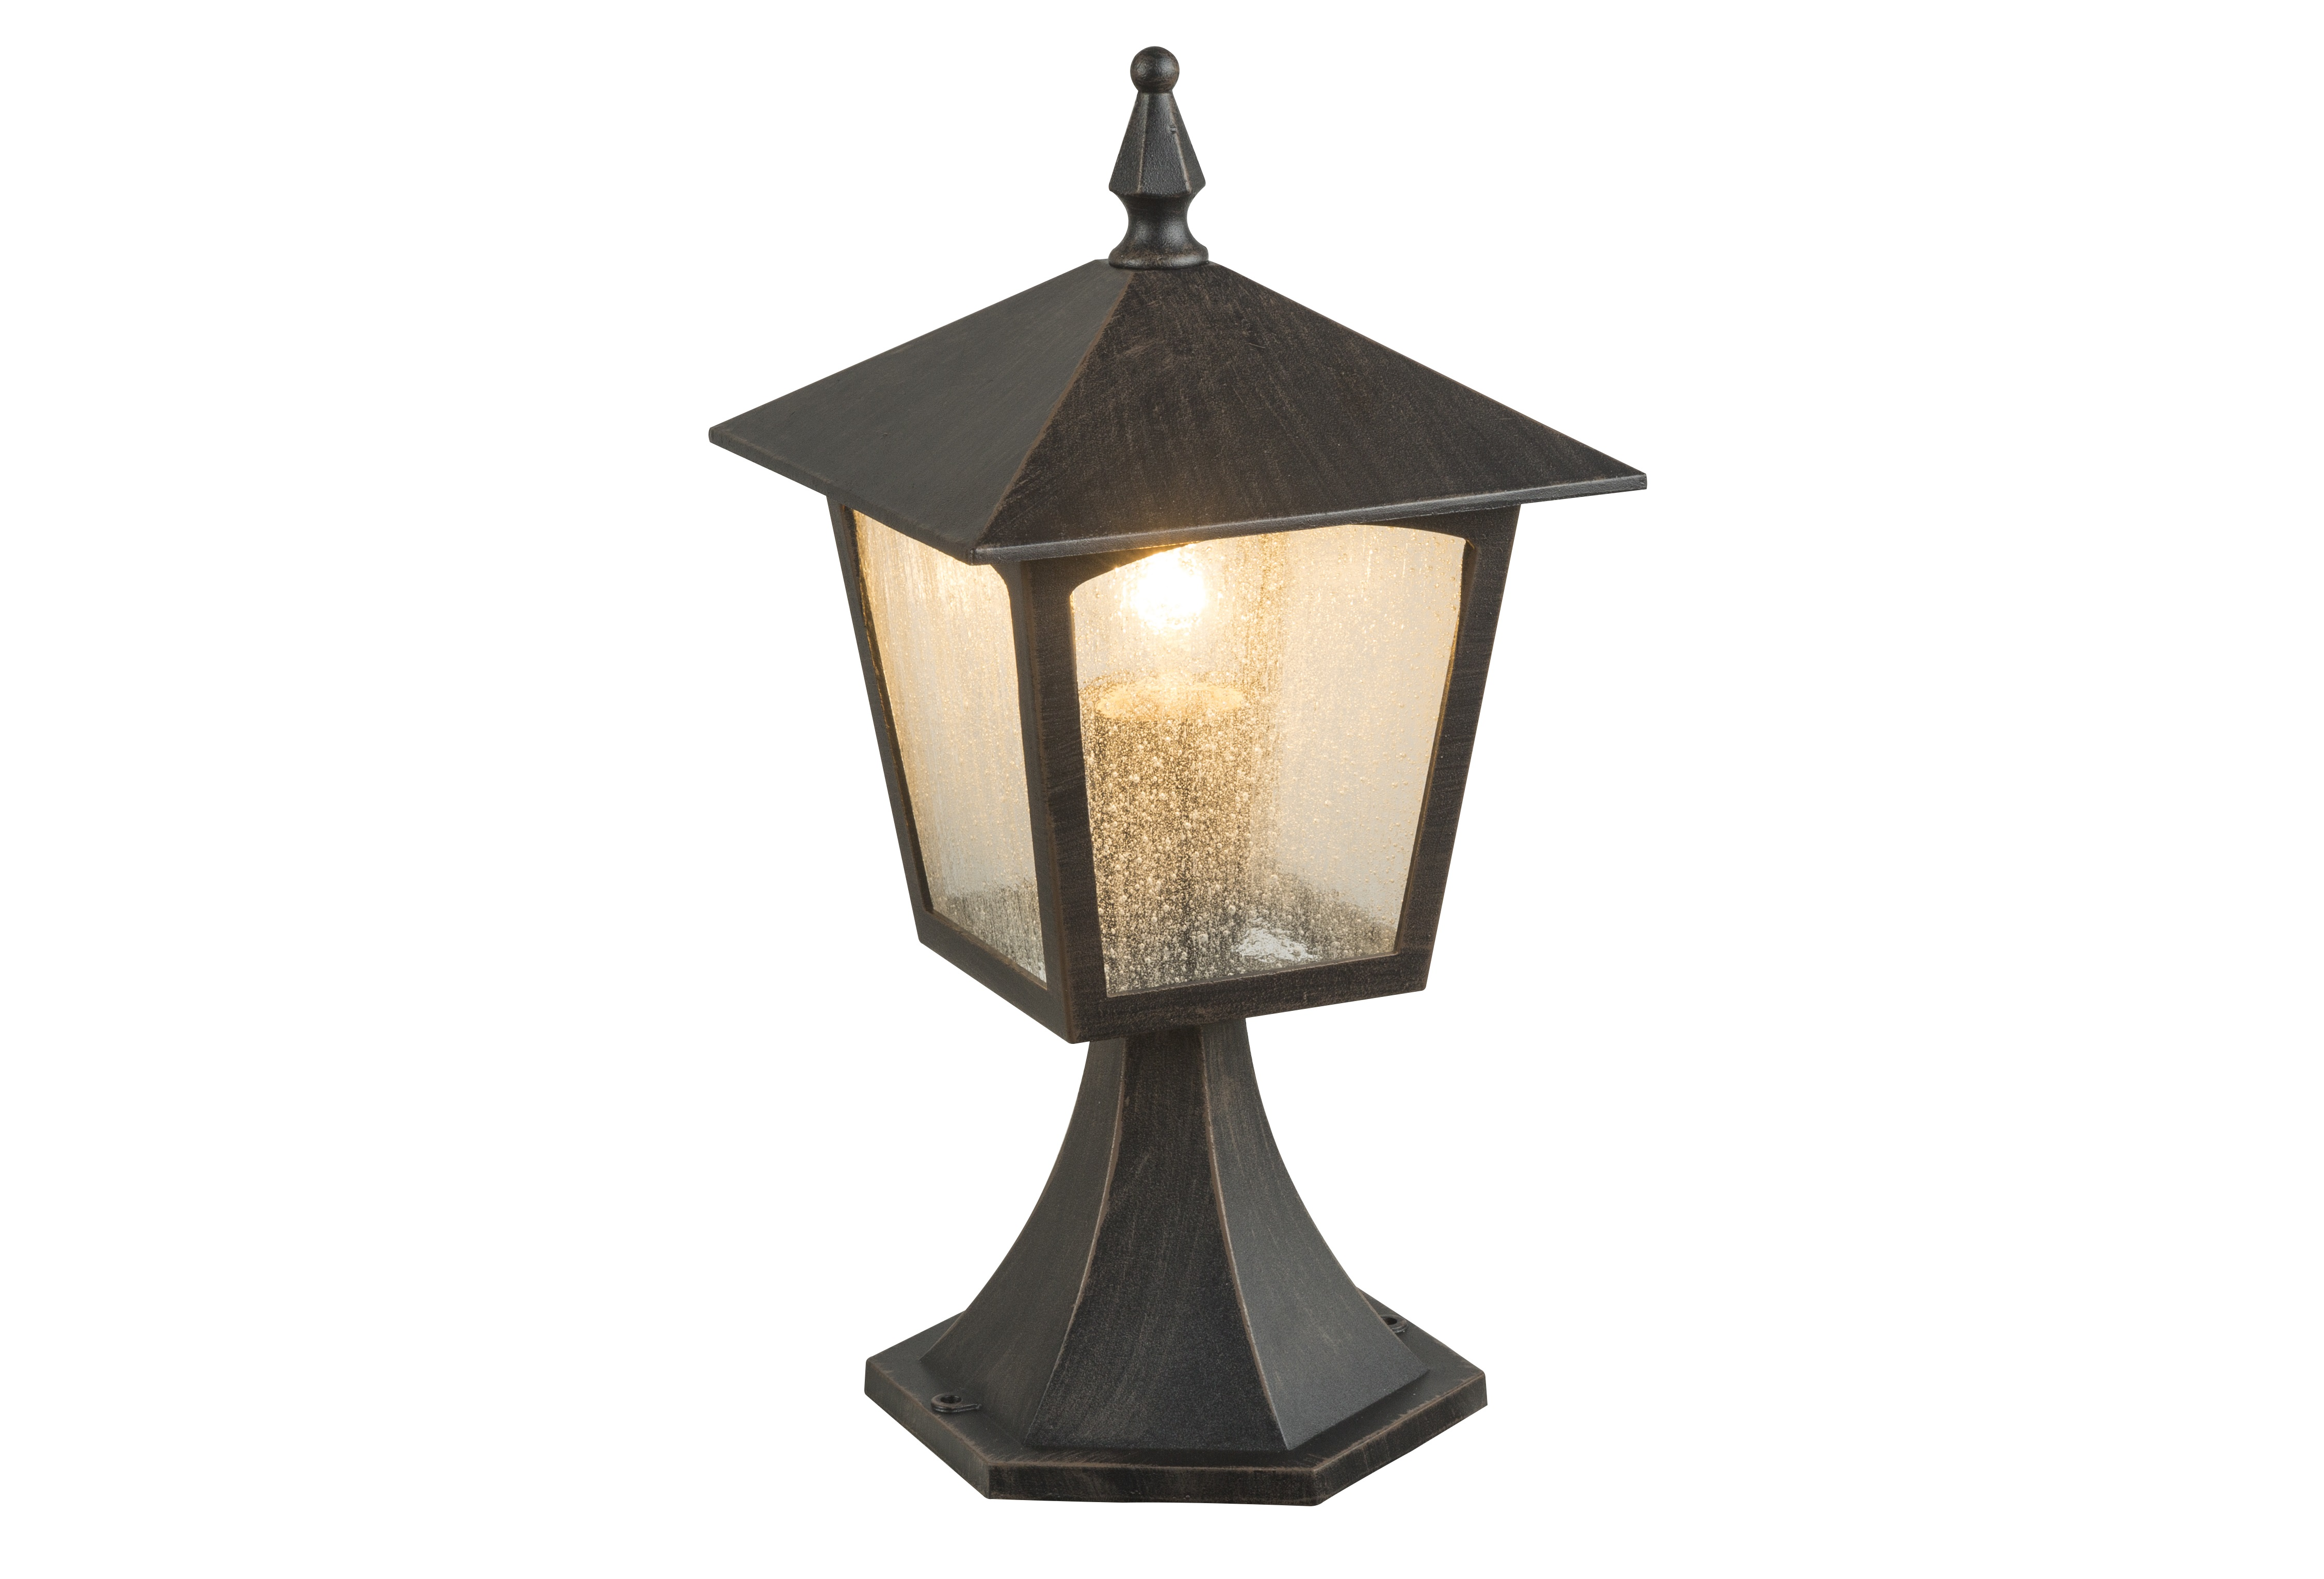 Светильник уличныйУличные наземные светильники<br>&amp;lt;div&amp;gt;Тип цоколя: E27&amp;lt;/div&amp;gt;&amp;lt;div&amp;gt;Мощность: 60W&amp;lt;/div&amp;gt;&amp;lt;div&amp;gt;Кол-во ламп: 1 (нет в комплекте)&amp;lt;/div&amp;gt;<br><br>Material: Металл<br>Ширина см: 18<br>Высота см: 40<br>Глубина см: 18